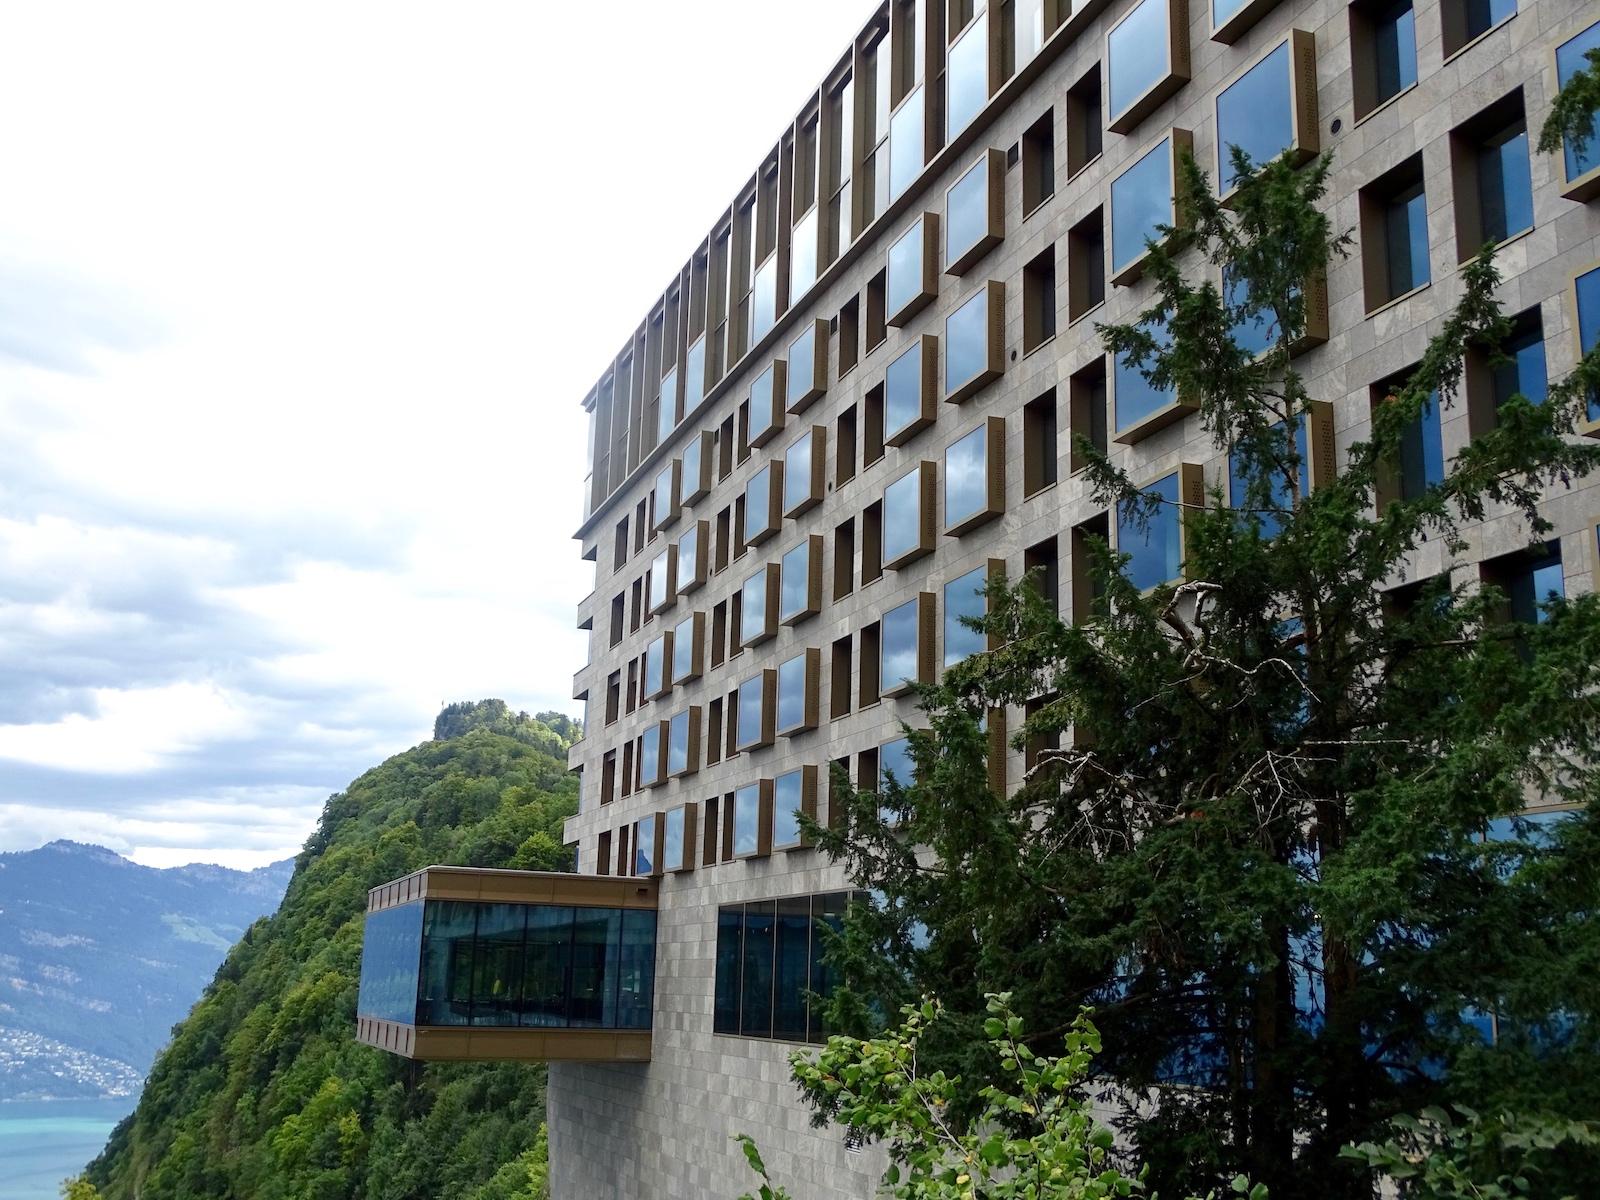 Das frisch eingeweihte Bürgenstock Hotel von aussen.